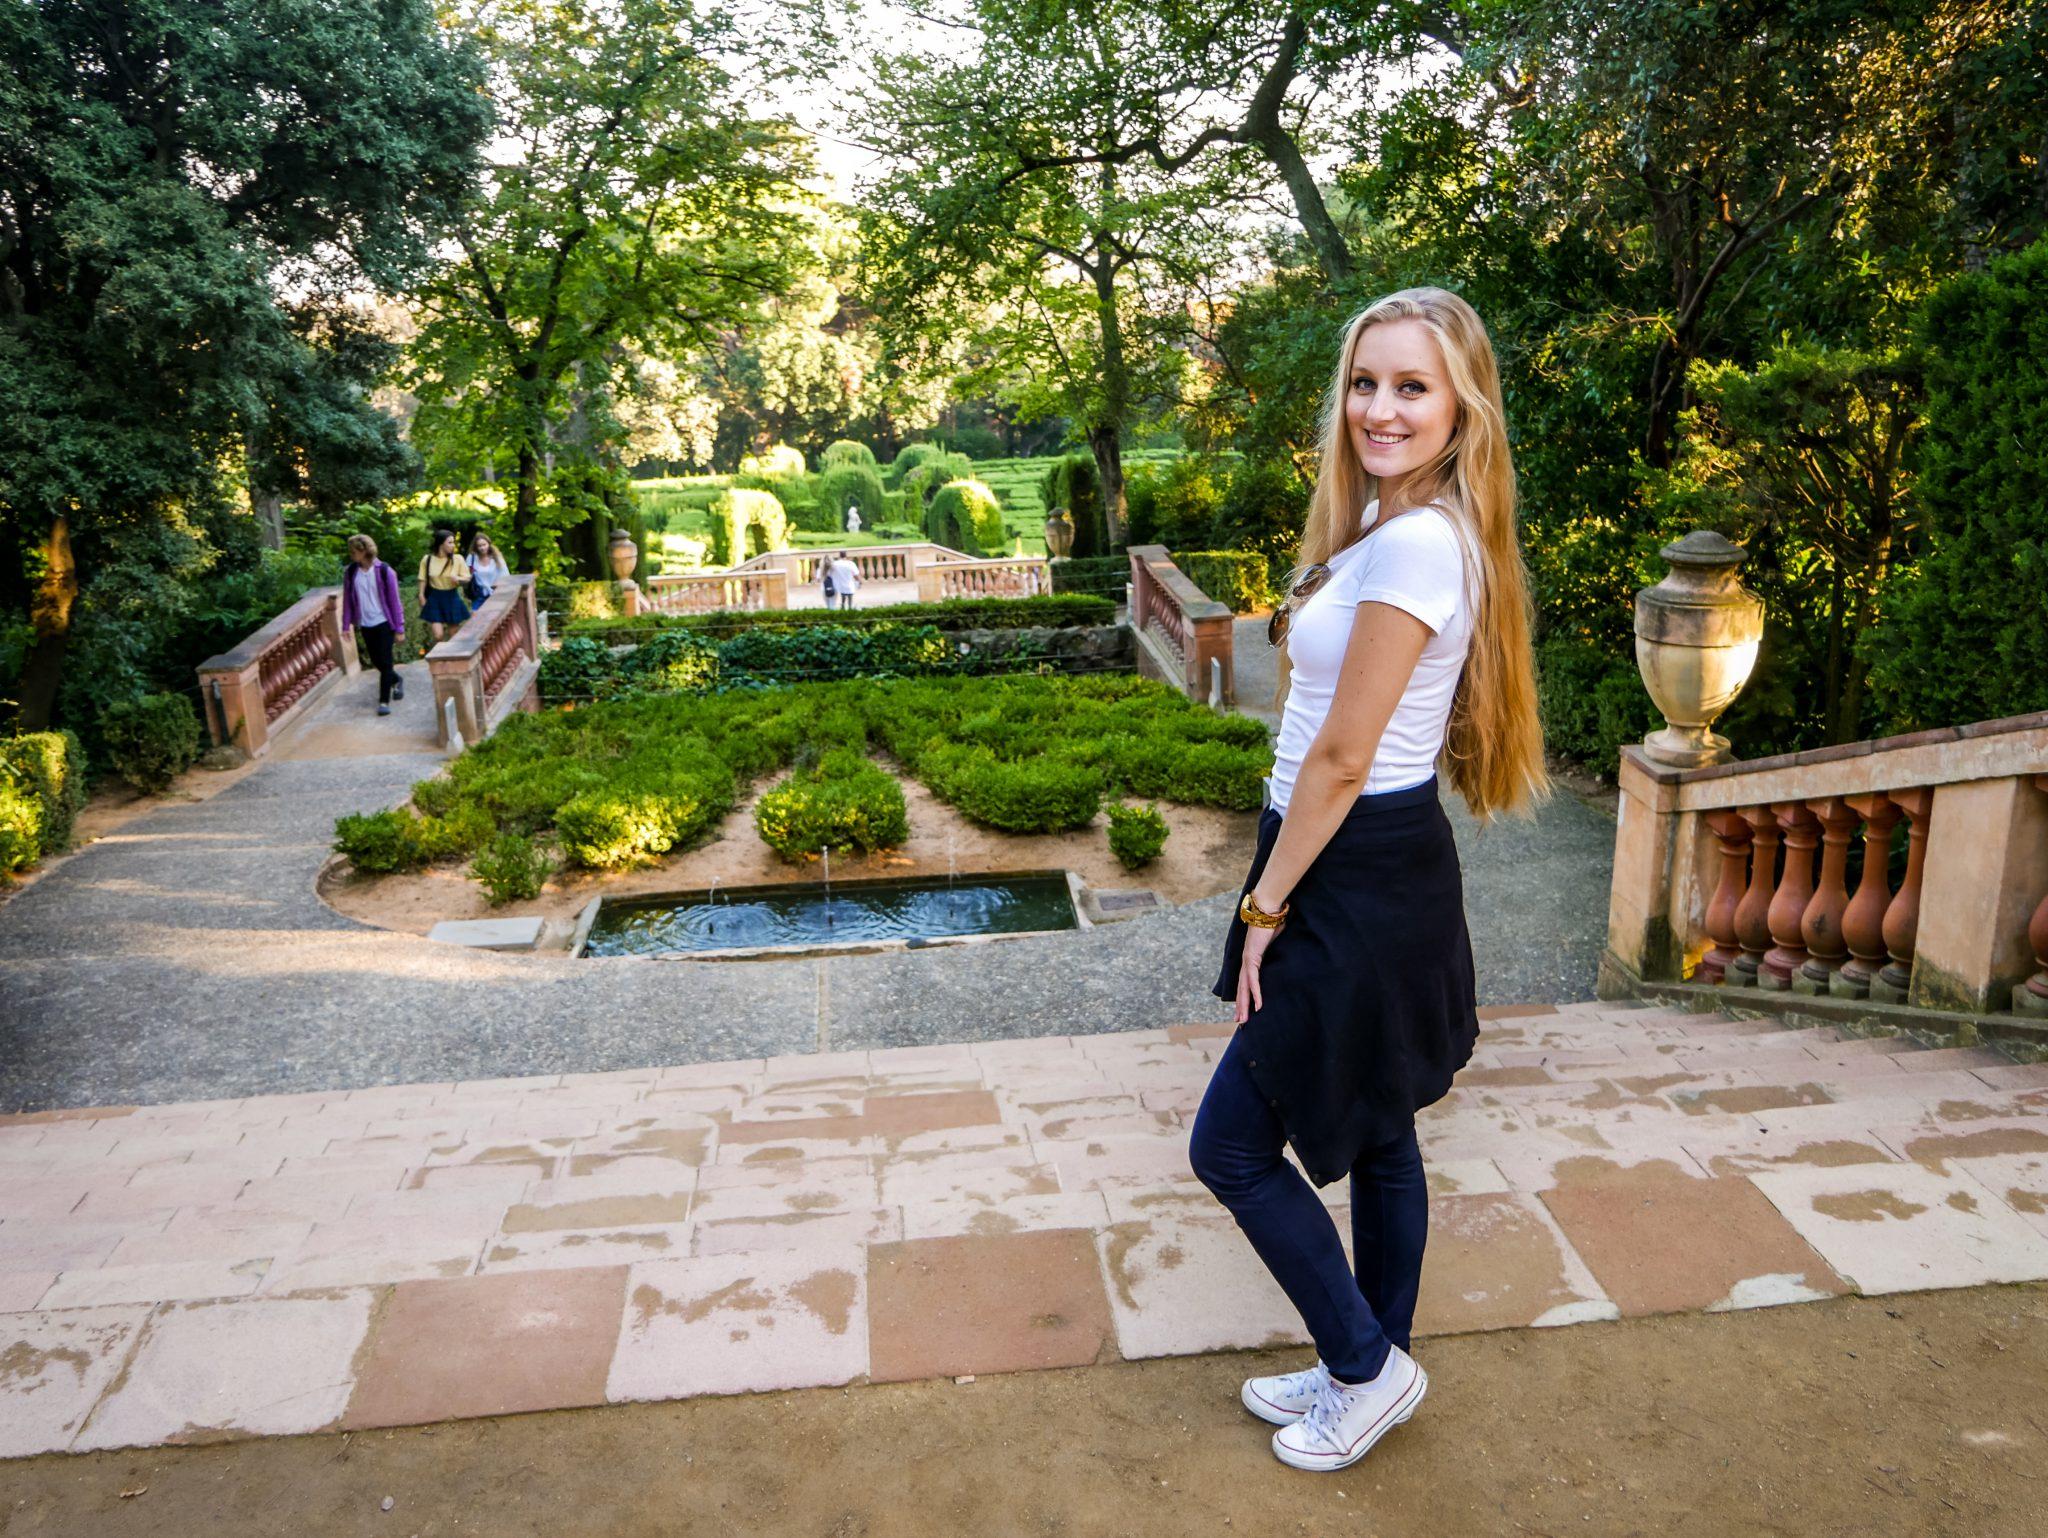 """Bereits von weitem kann man das Labyrinth im Park """"Parc del Laberint d´Horta"""" erkennen."""